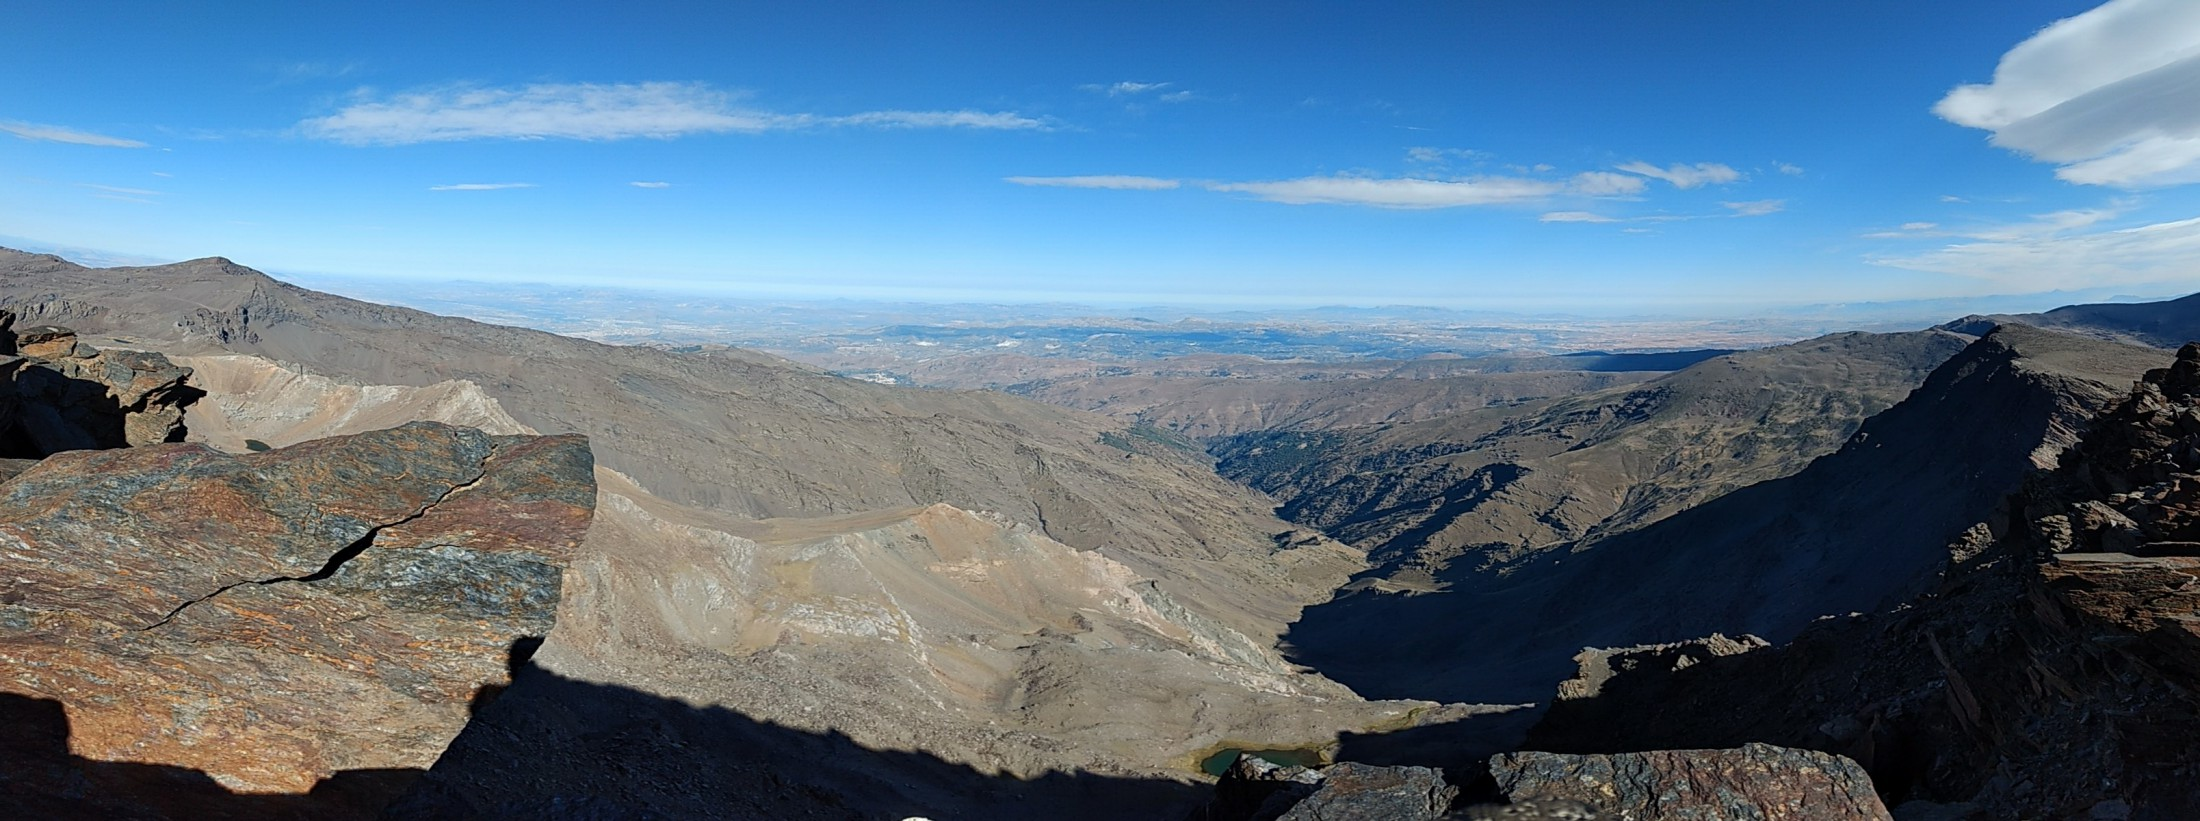 Gipfeltouren in der Sierra Nevada